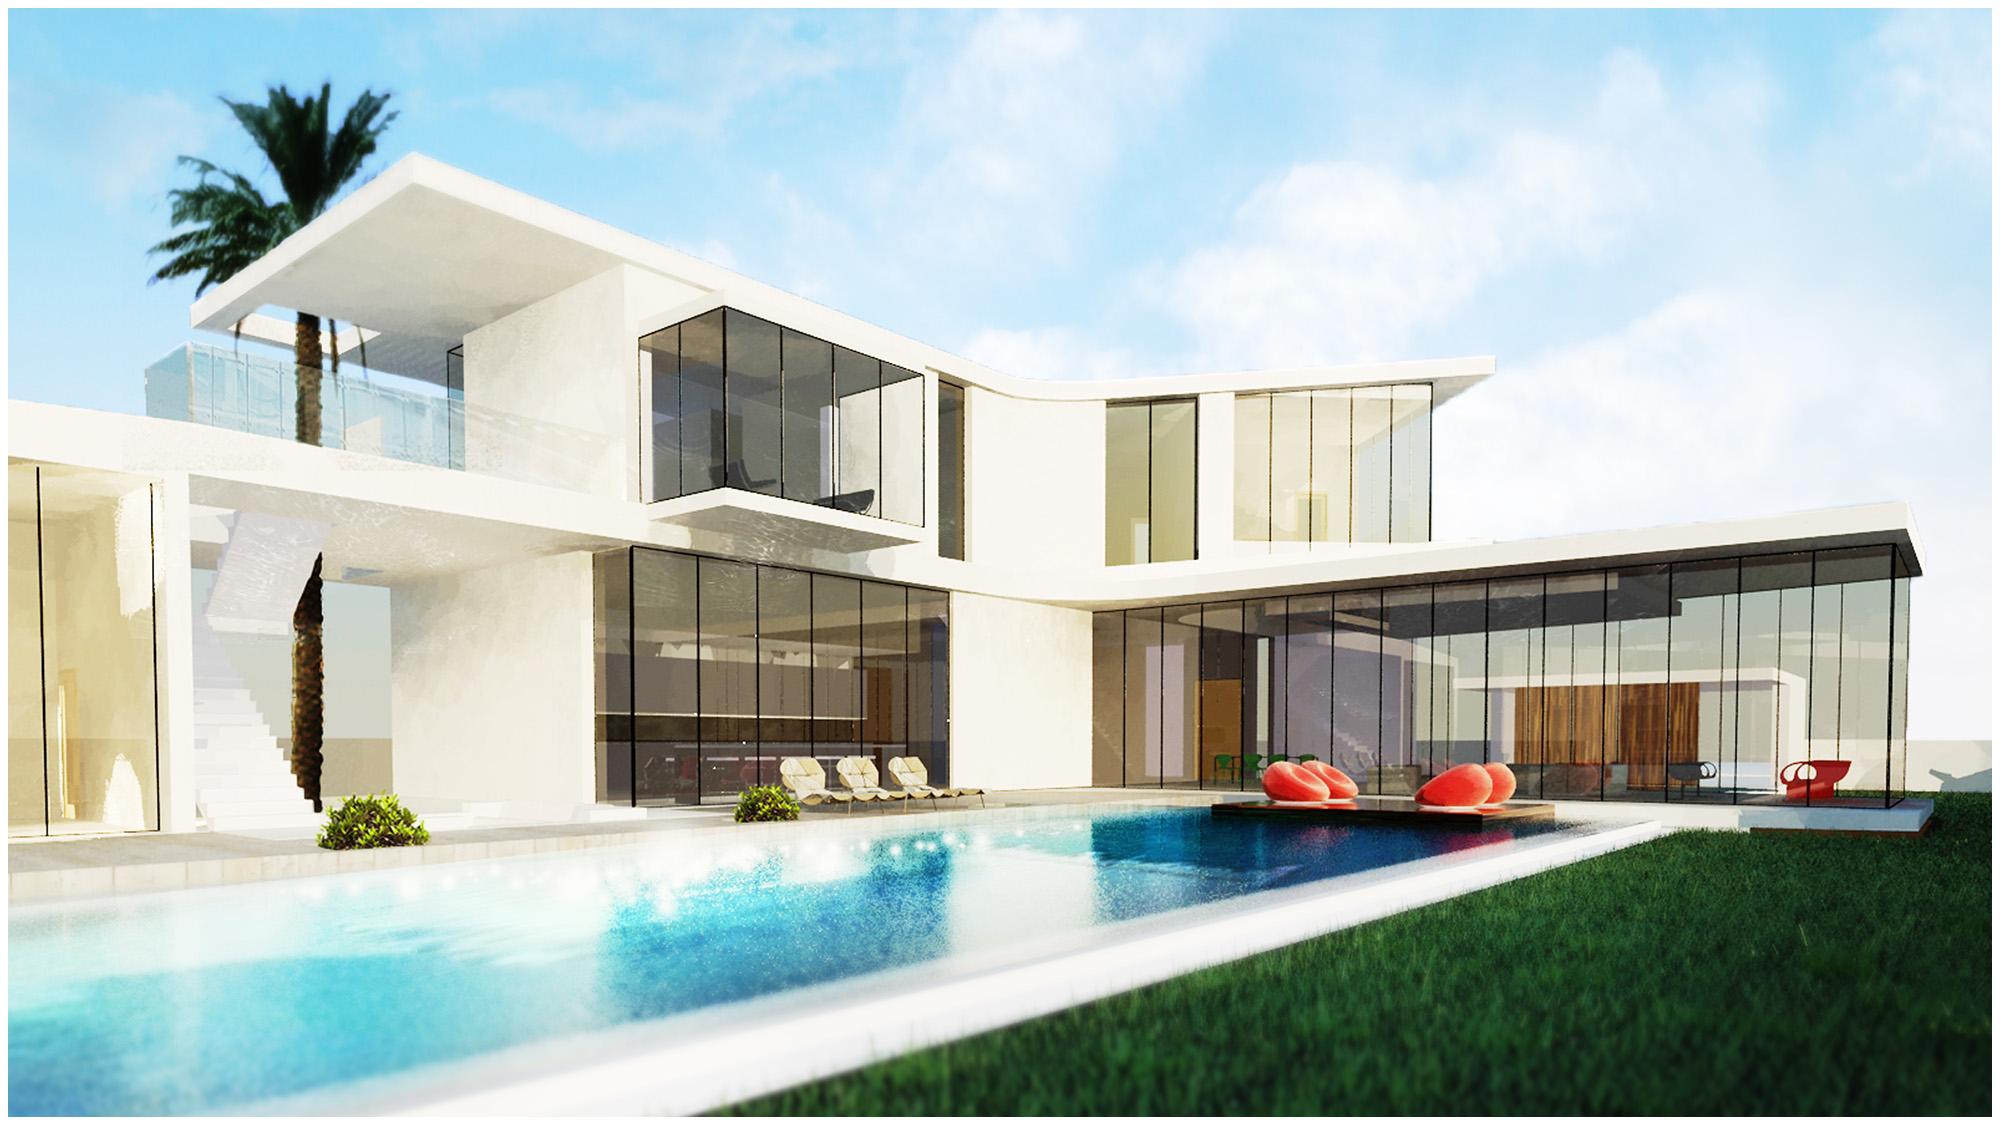 Beste Architektur Design Villa Bilder - Images for inspirierende ...